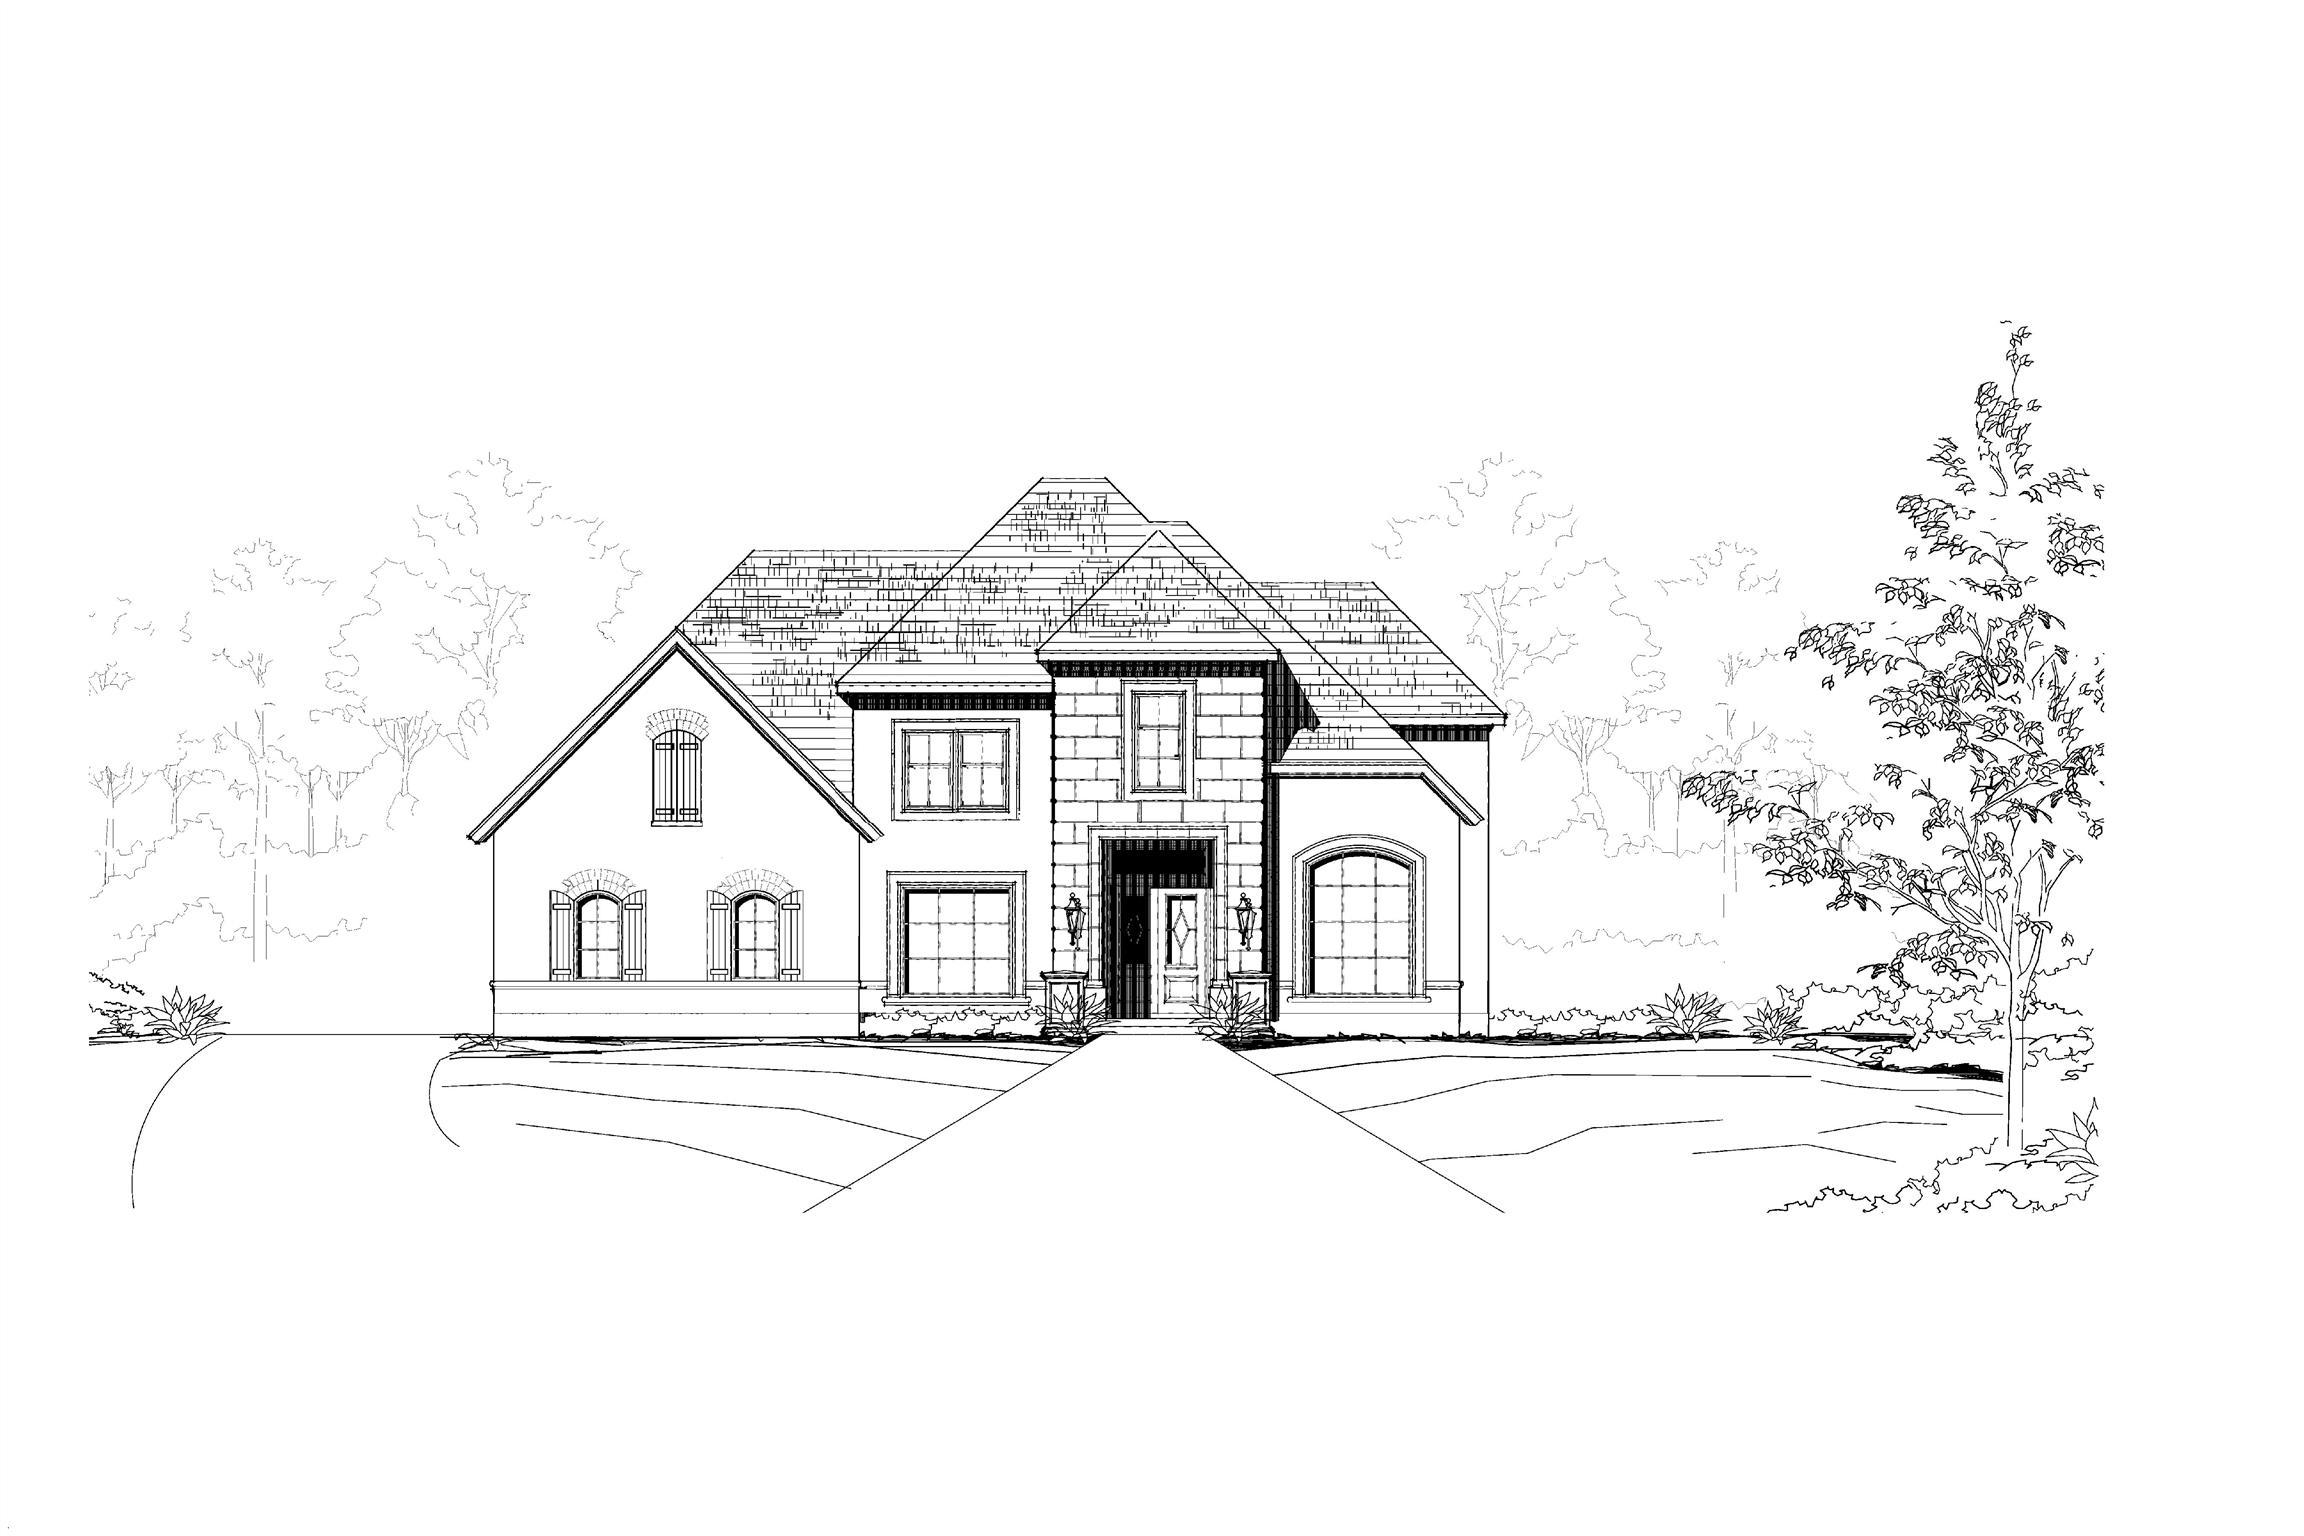 2926 Pendarvis Ln, Murfreesboro, TN 37130 - Murfreesboro, TN real estate listing